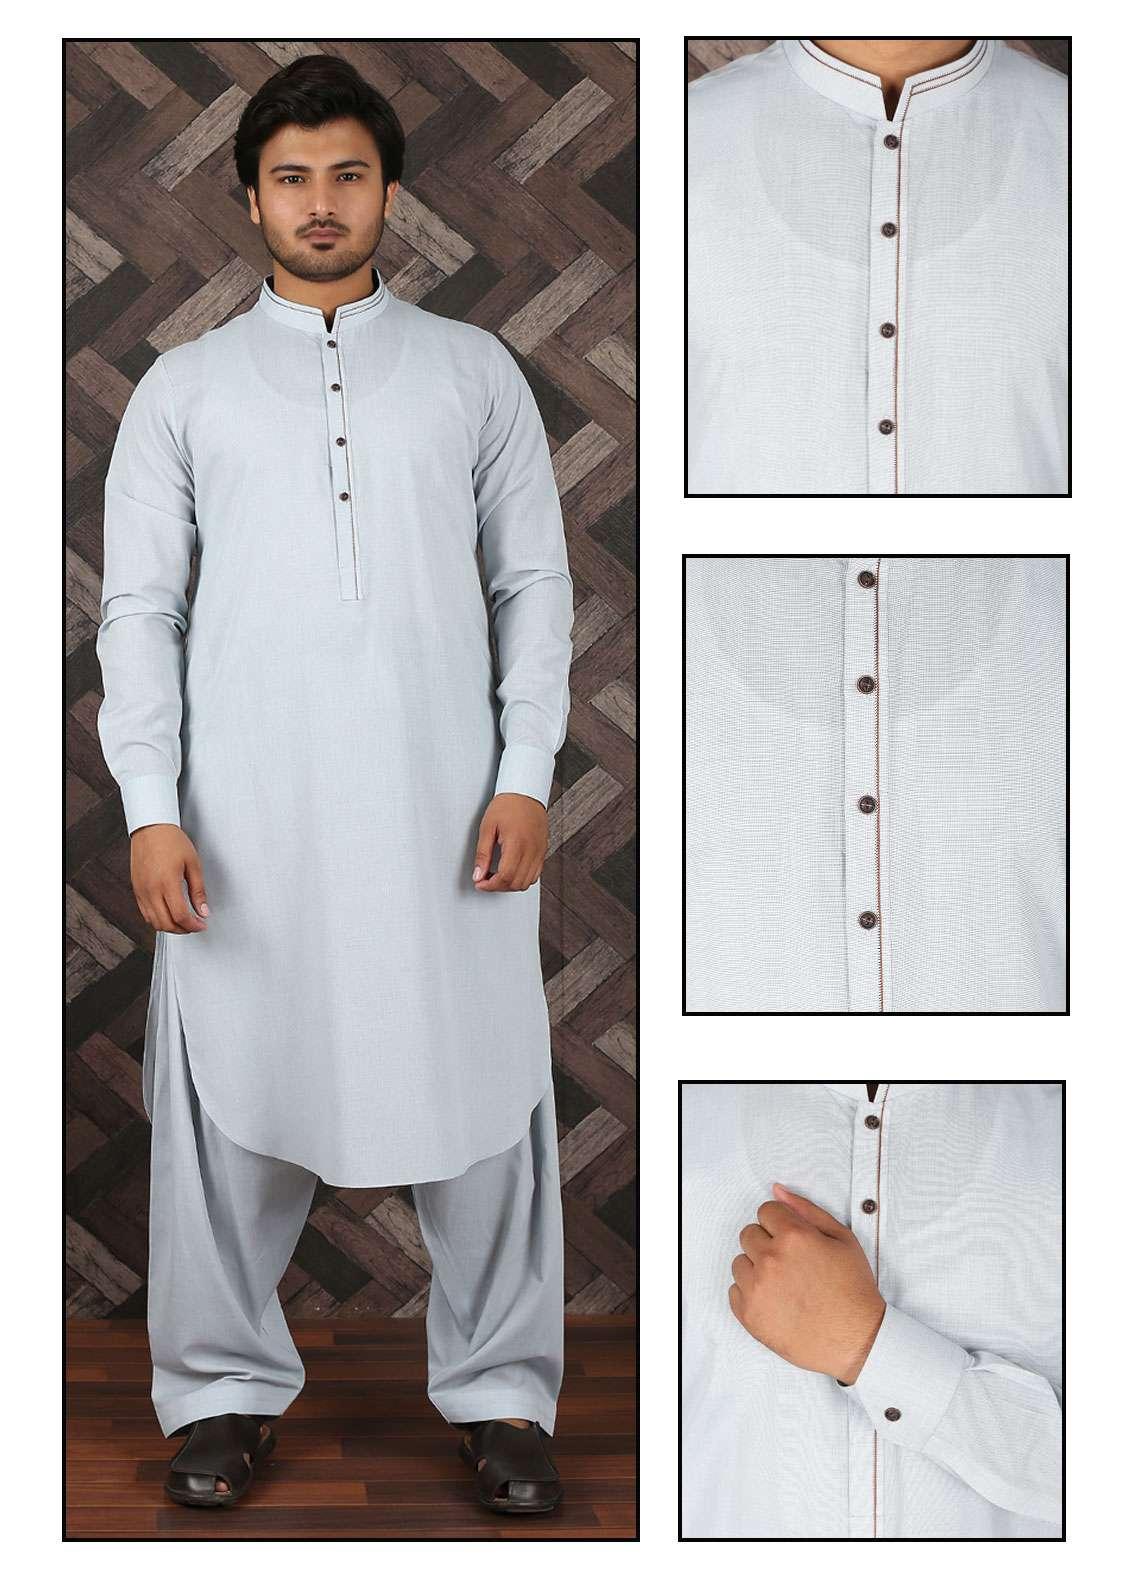 Aizaz Zafar Wash N Wear Formal Shalwar Kameez for Men -  685 Ash White